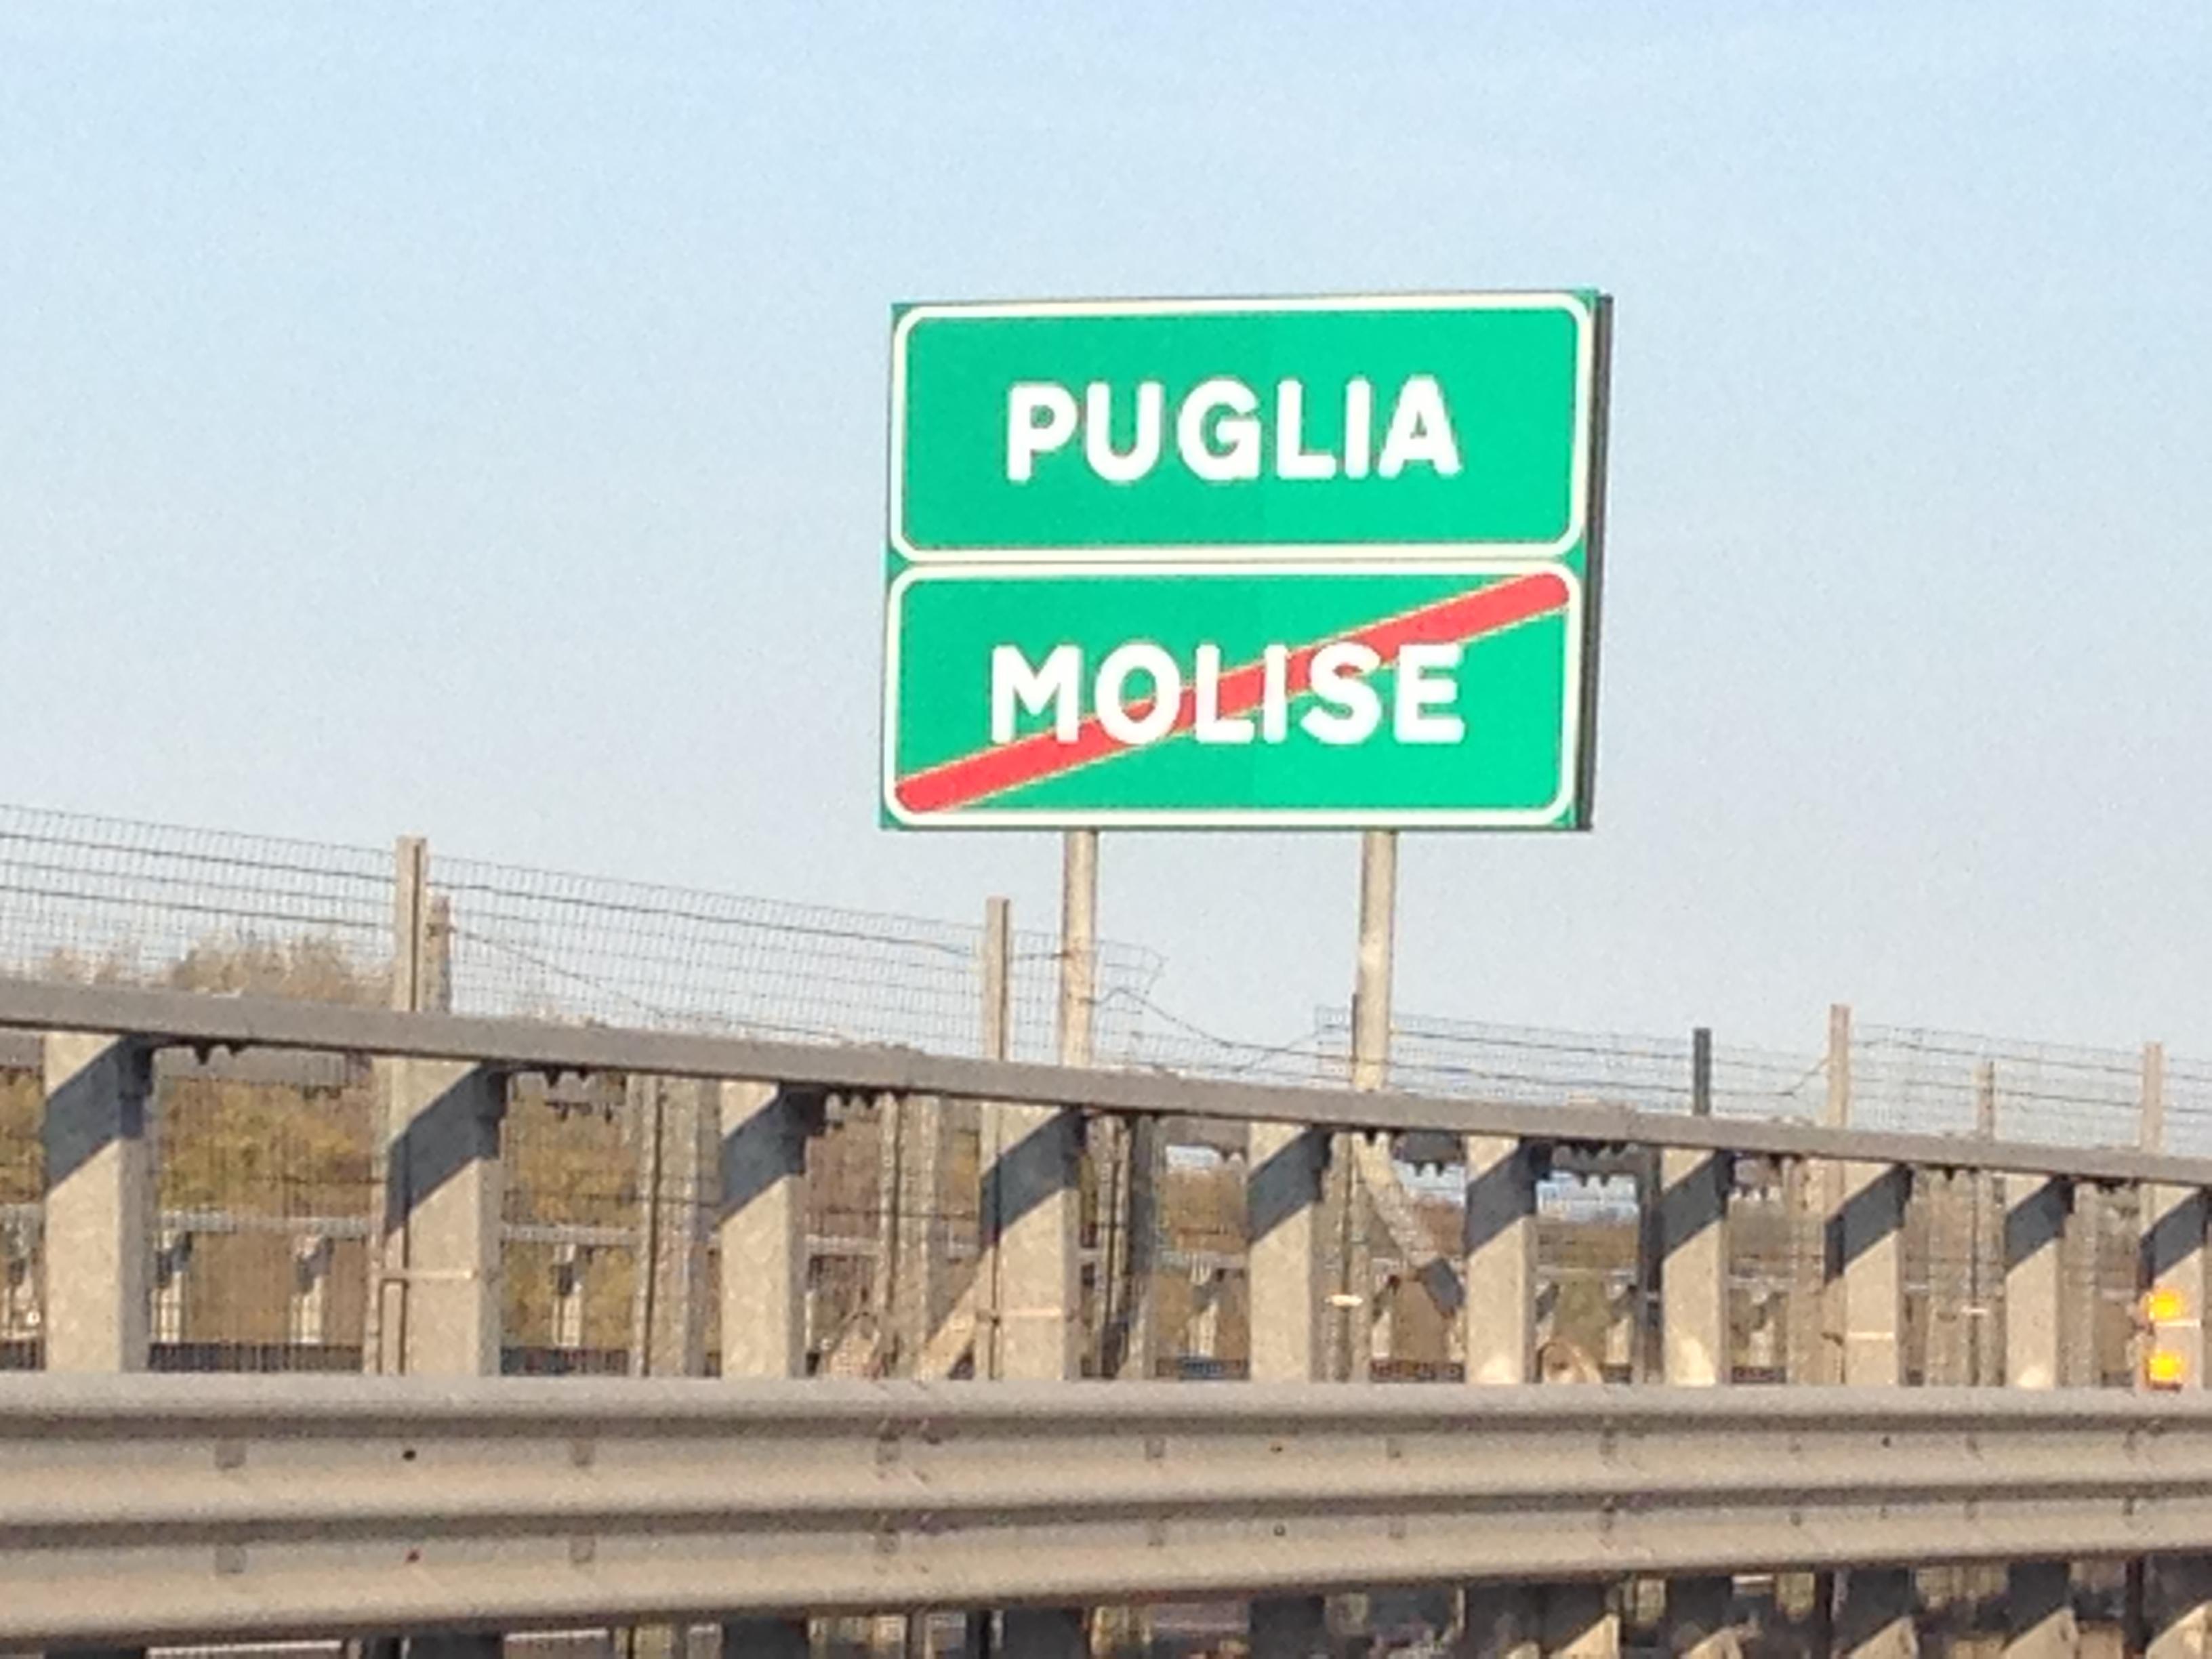 Puglia come arrivare in Salento a Alessano